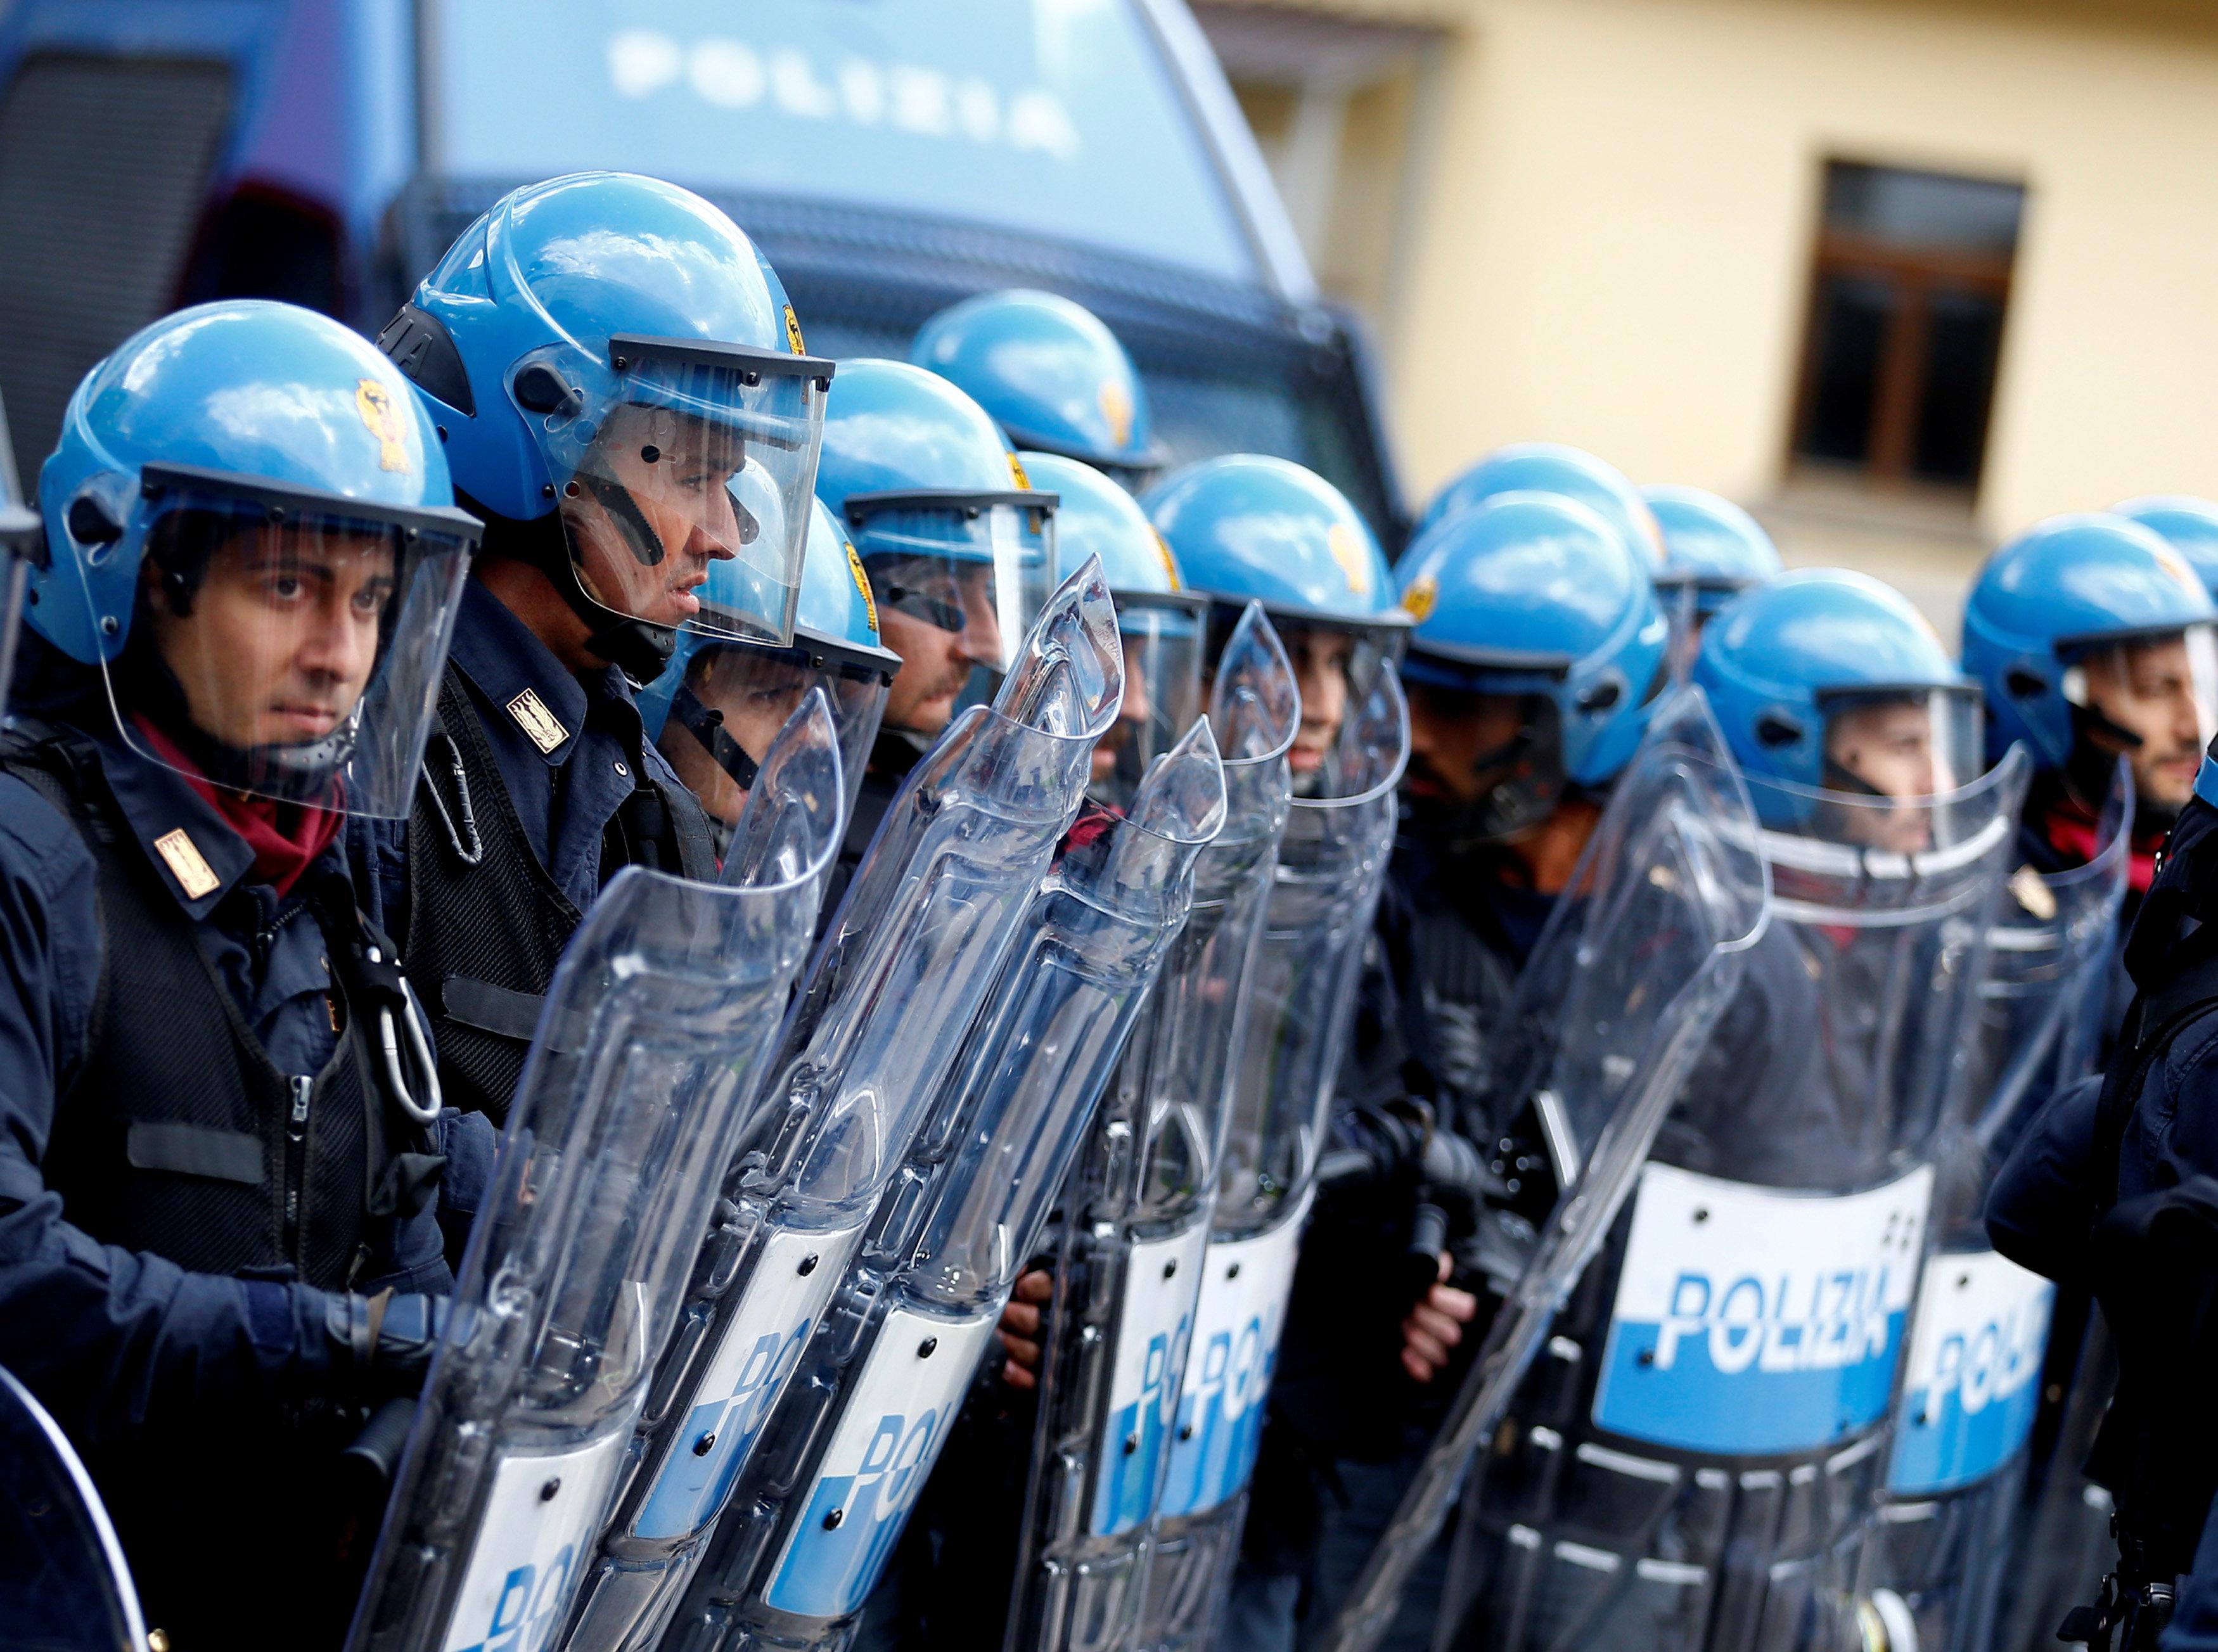 الدوافع والأسباب وراء عدم تعرض إيطاليا لهجمات إرهابية